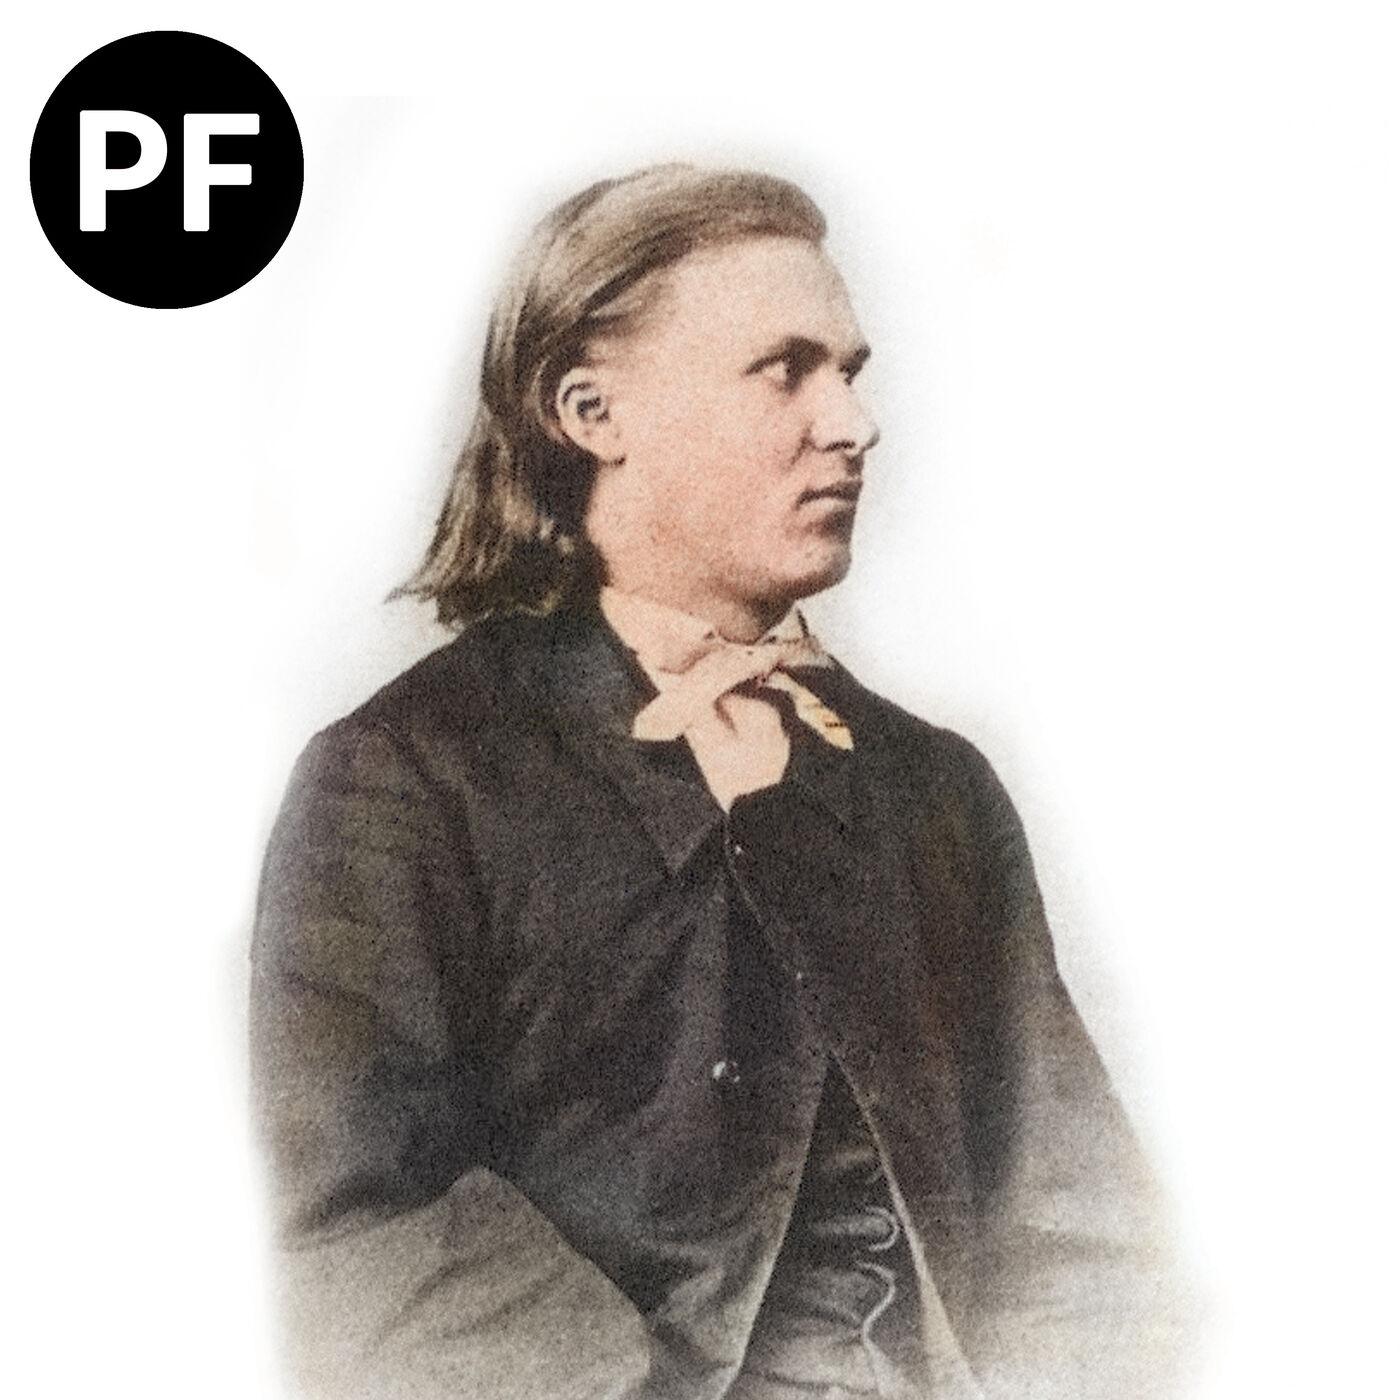 O Fryderyku Nietzschem - kompozytorze mniej znanym